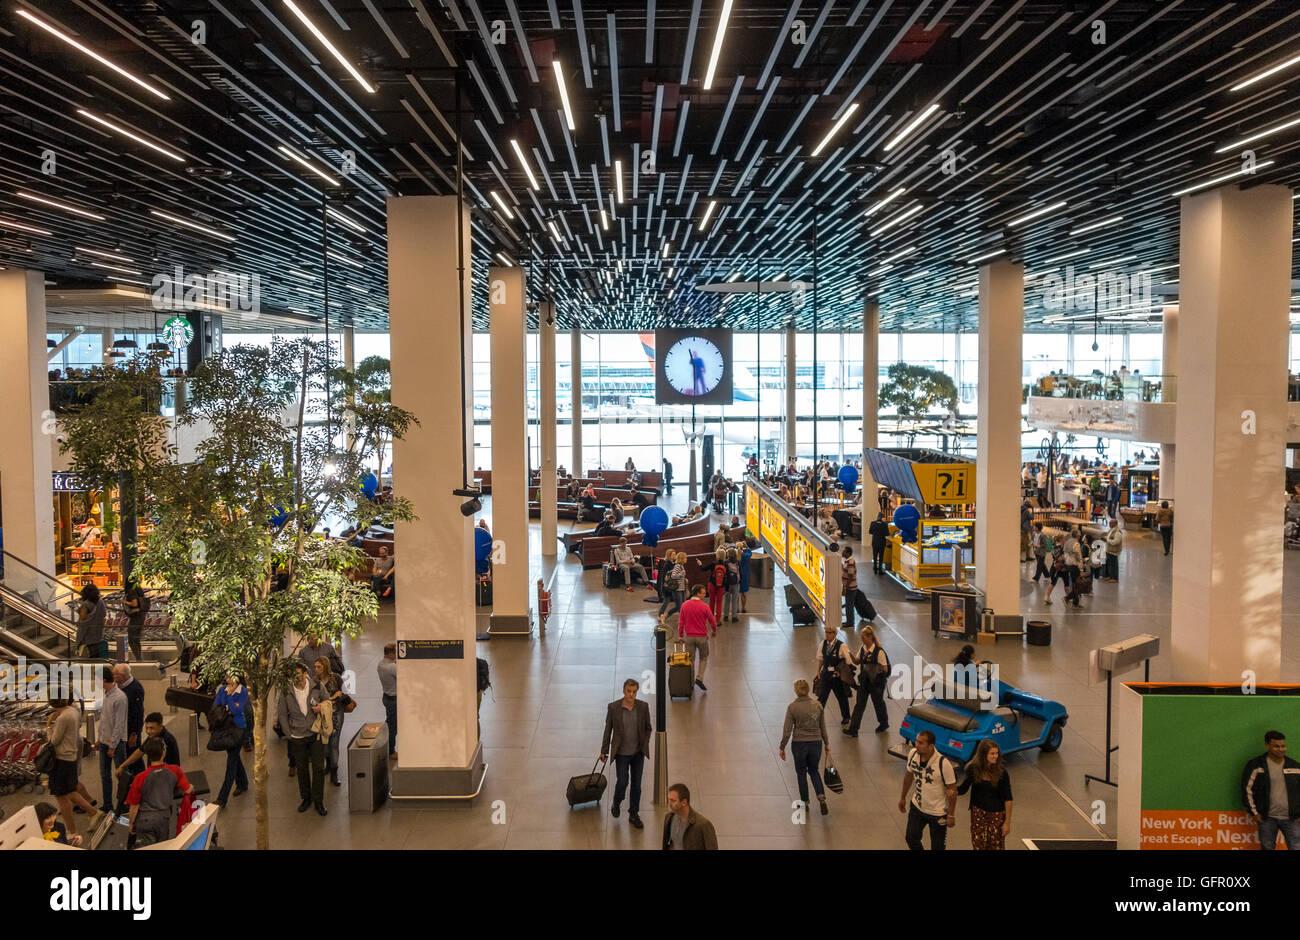 2 salle d'embarquement à l'aéroport Schiphol Amsterdam Photo Stock